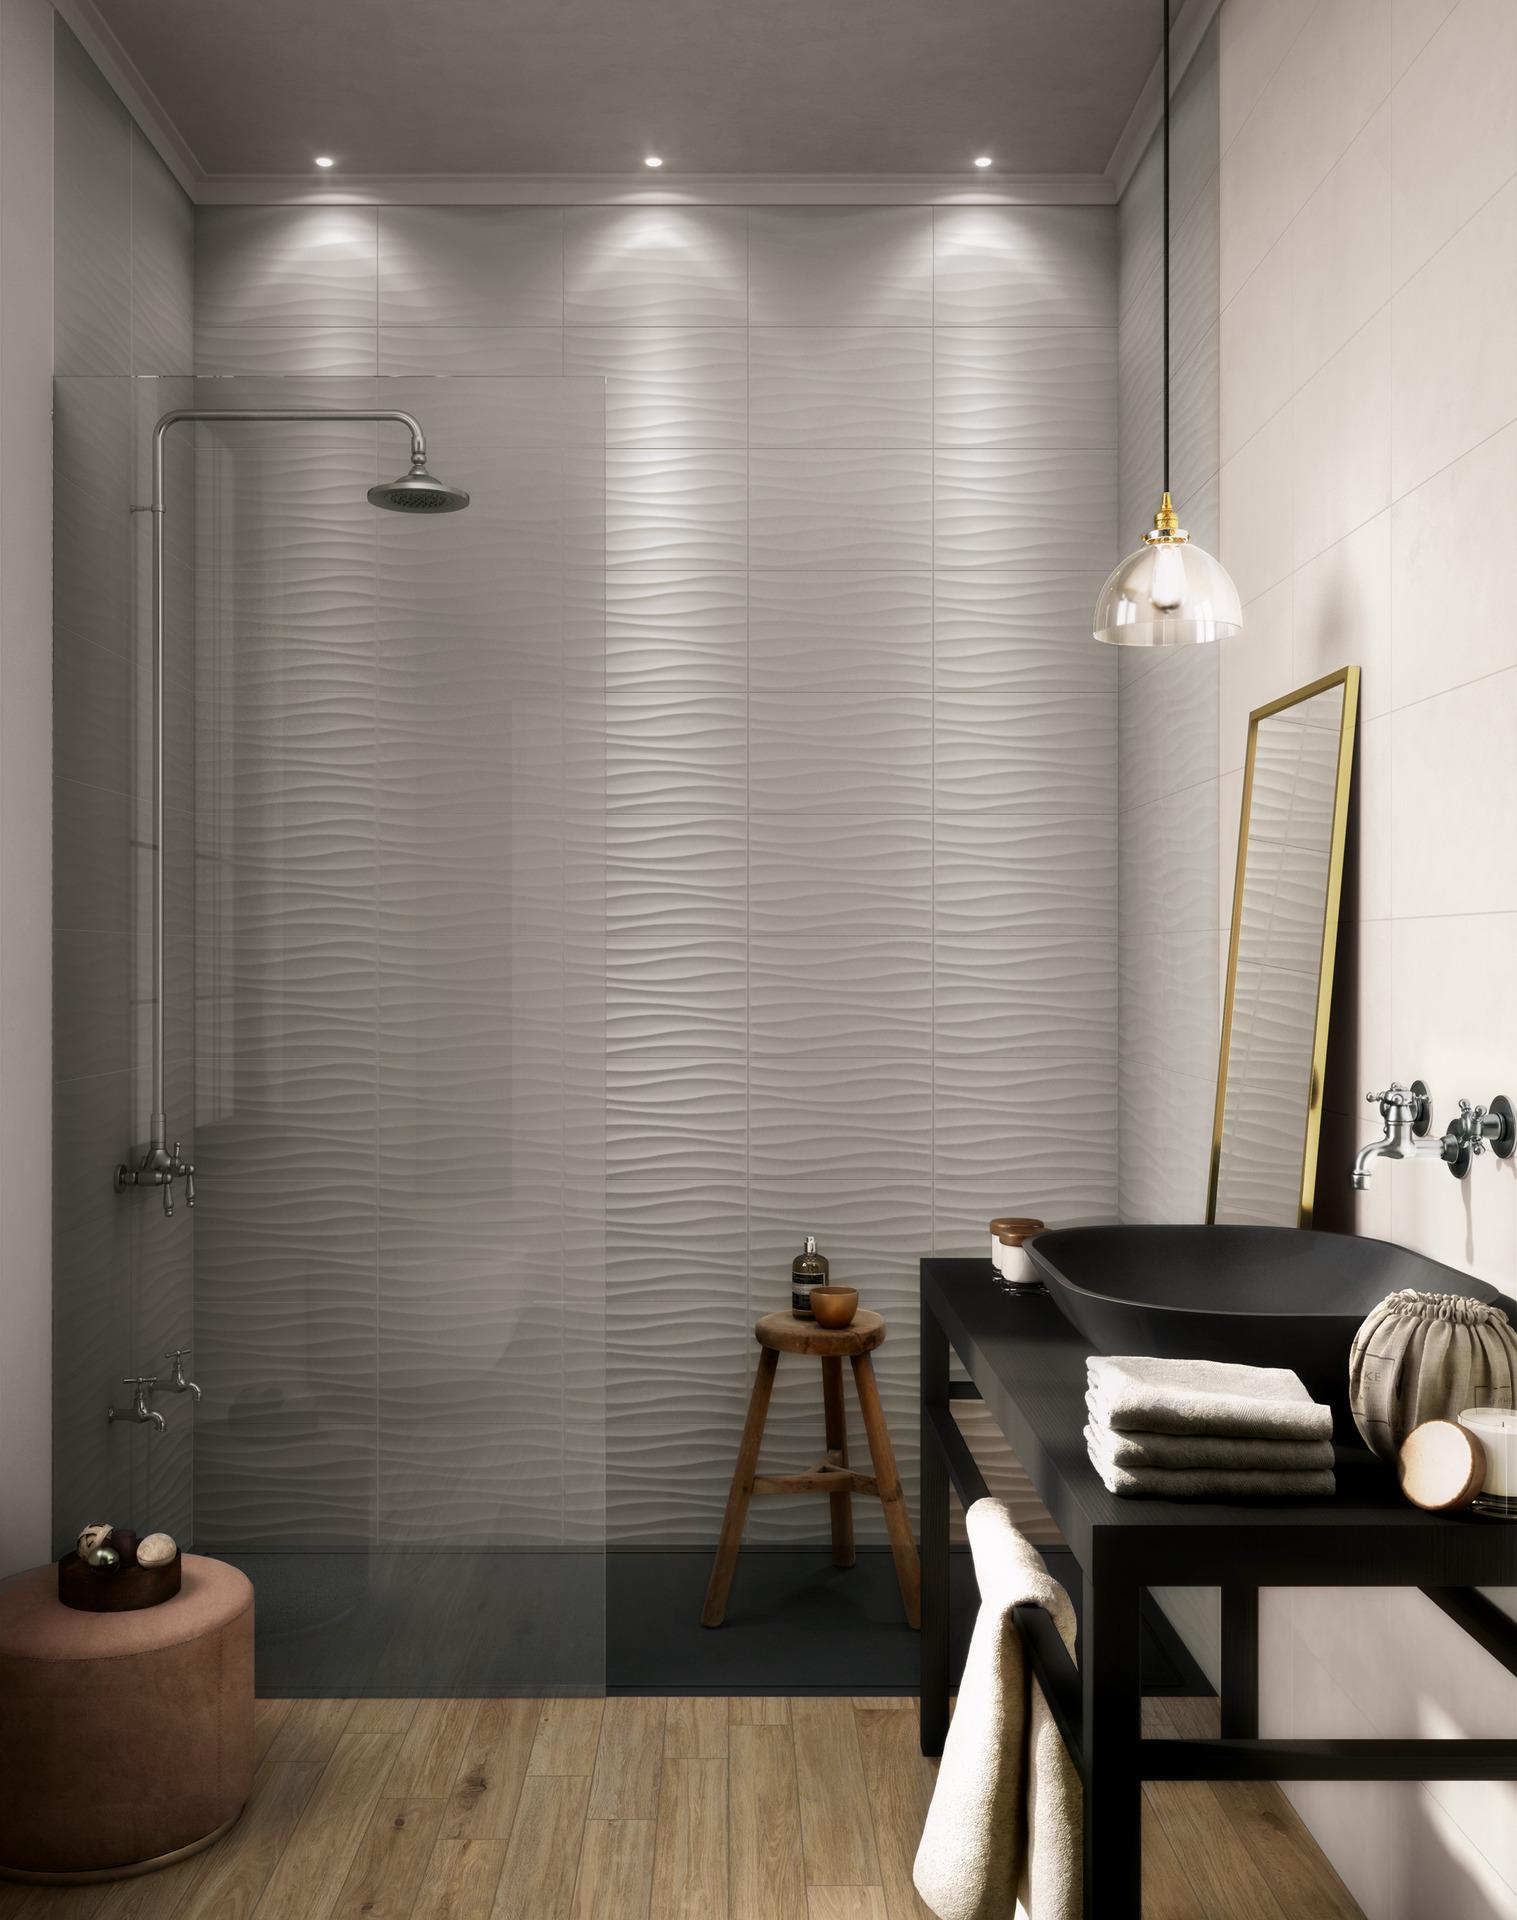 Piastrelle bagno doccia fc88 regardsdefemmes - Piastrelle bagno mosaico doccia ...